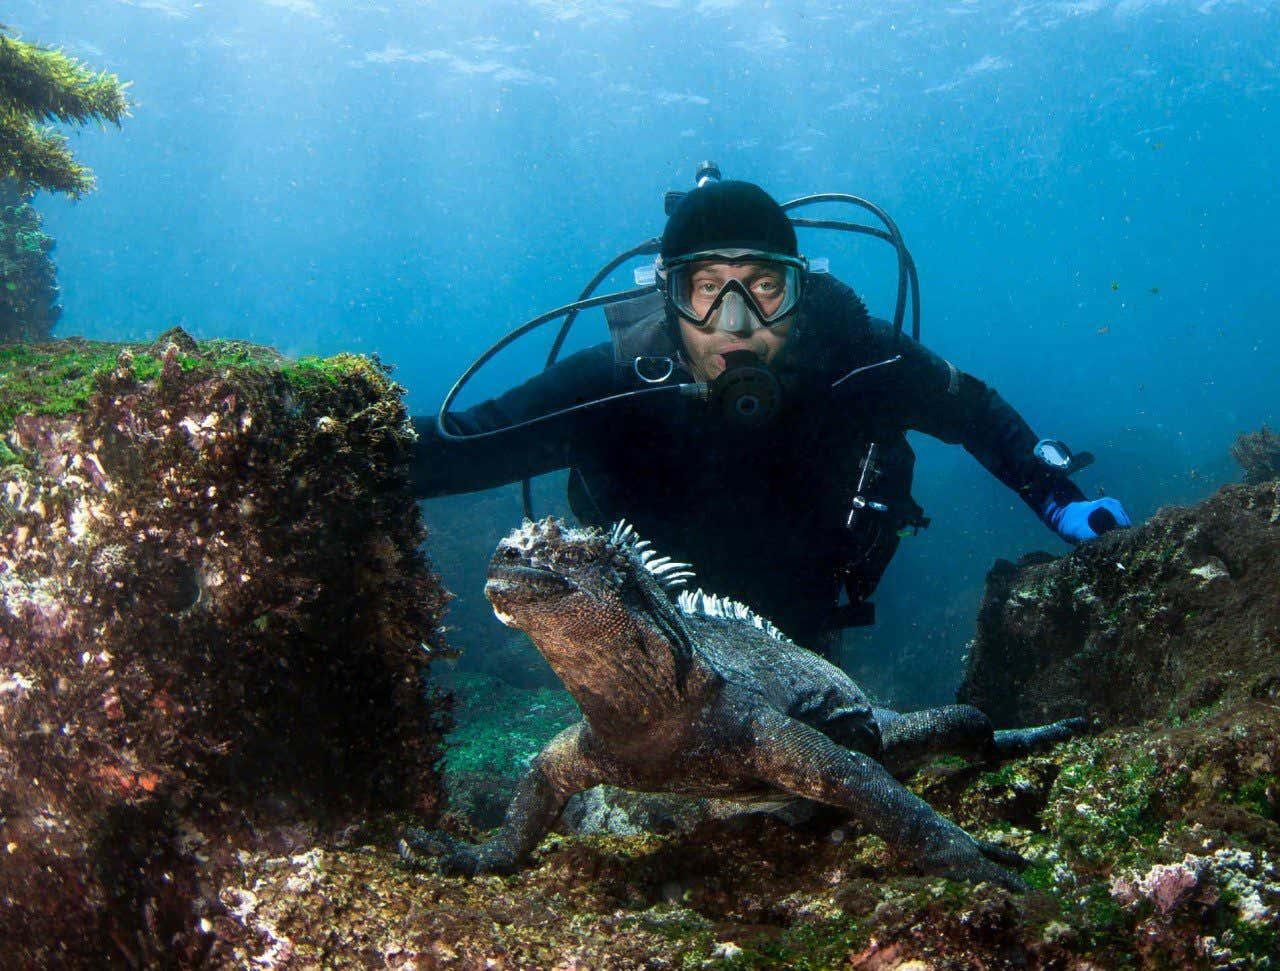 Buceando con una iguana marina en las islas Galápagos